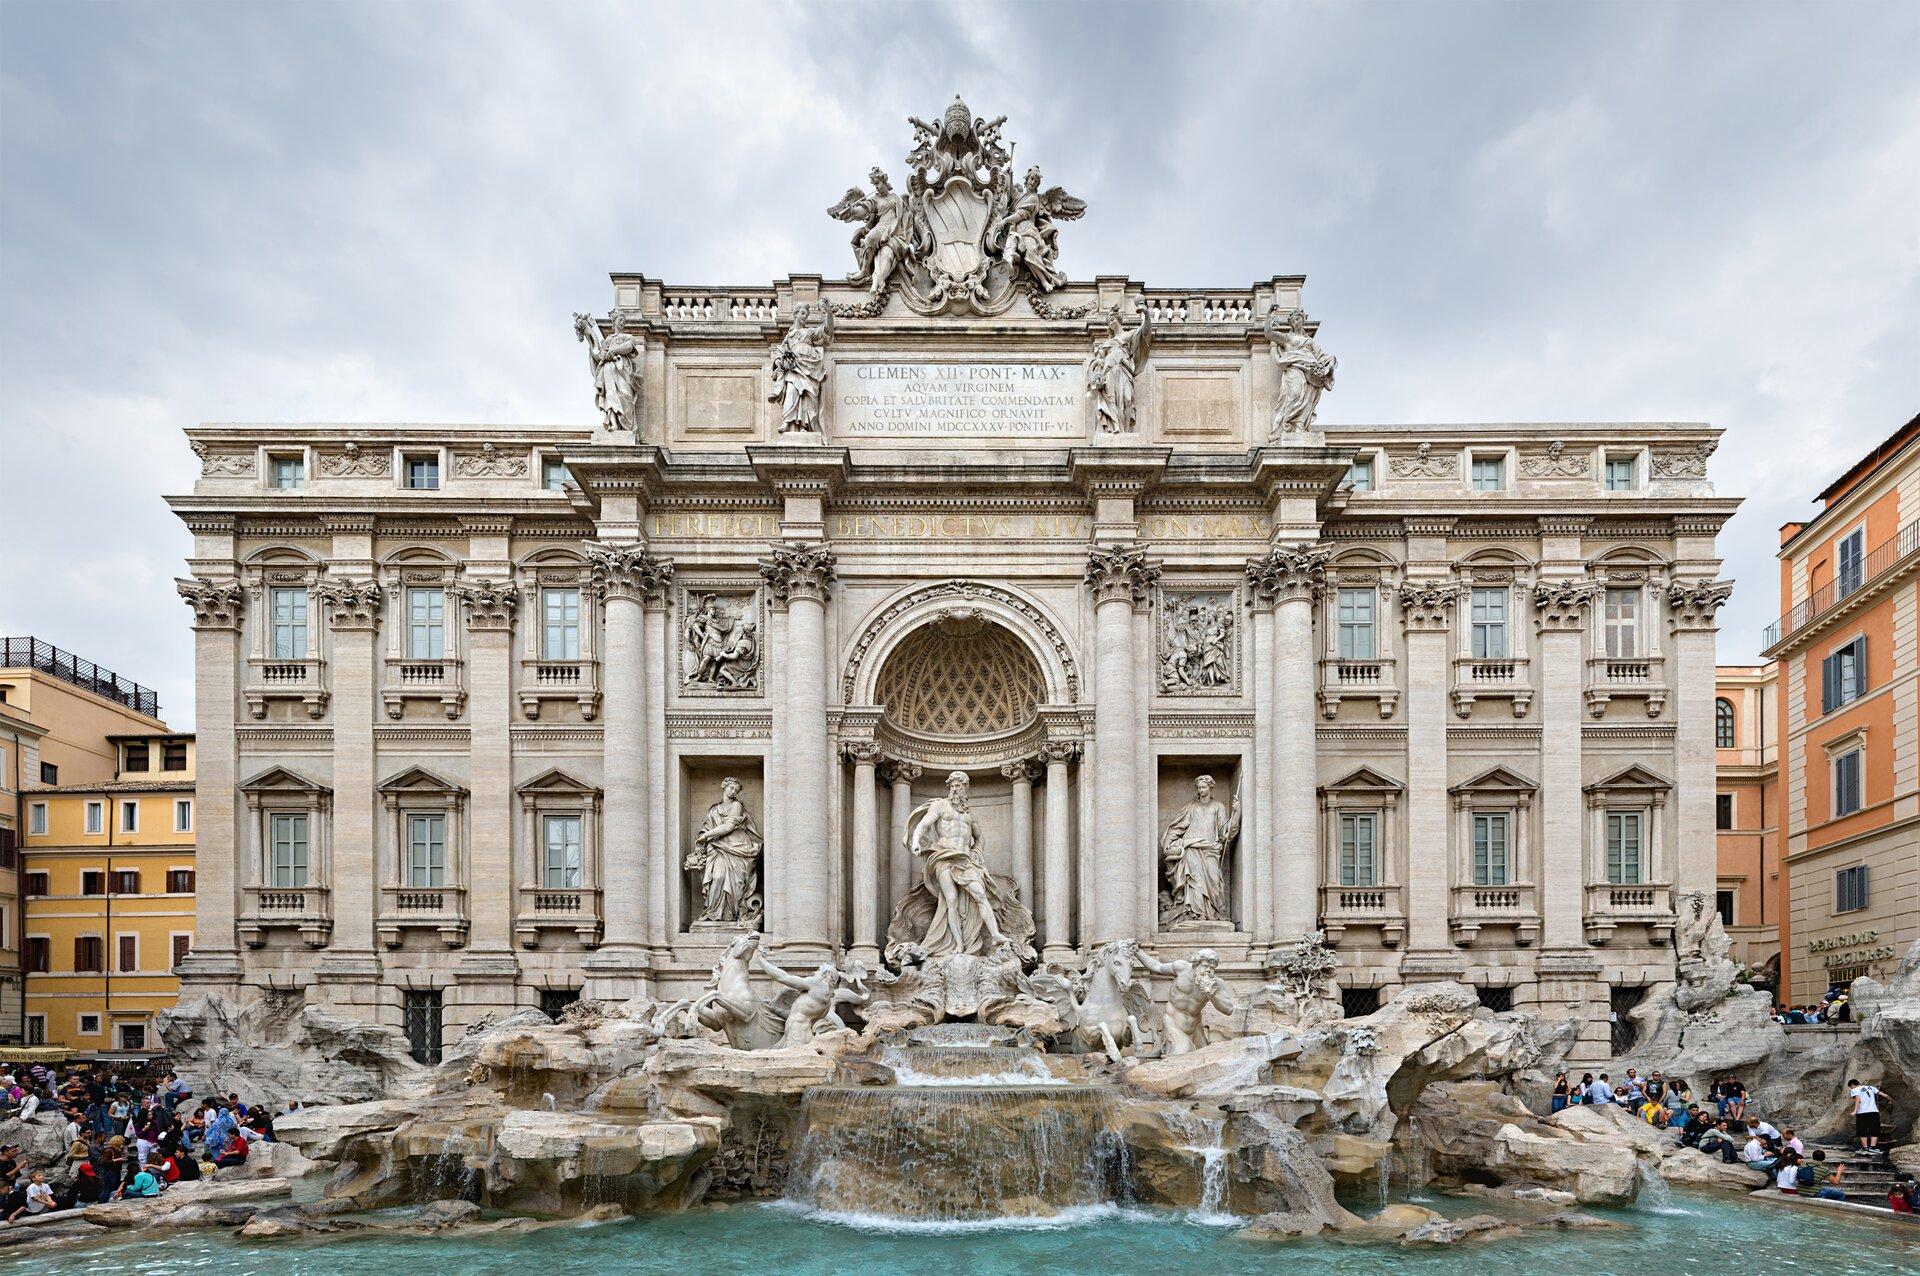 Rzymska Fontanna di Trevi – najsłynniejsza barokowa fontanna wstolicy Włoch Rzymska Fontanna di Trevi – najsłynniejsza barokowa fontanna wstolicy Włoch Źródło: Diliff, licencja: CC BY 3.0.